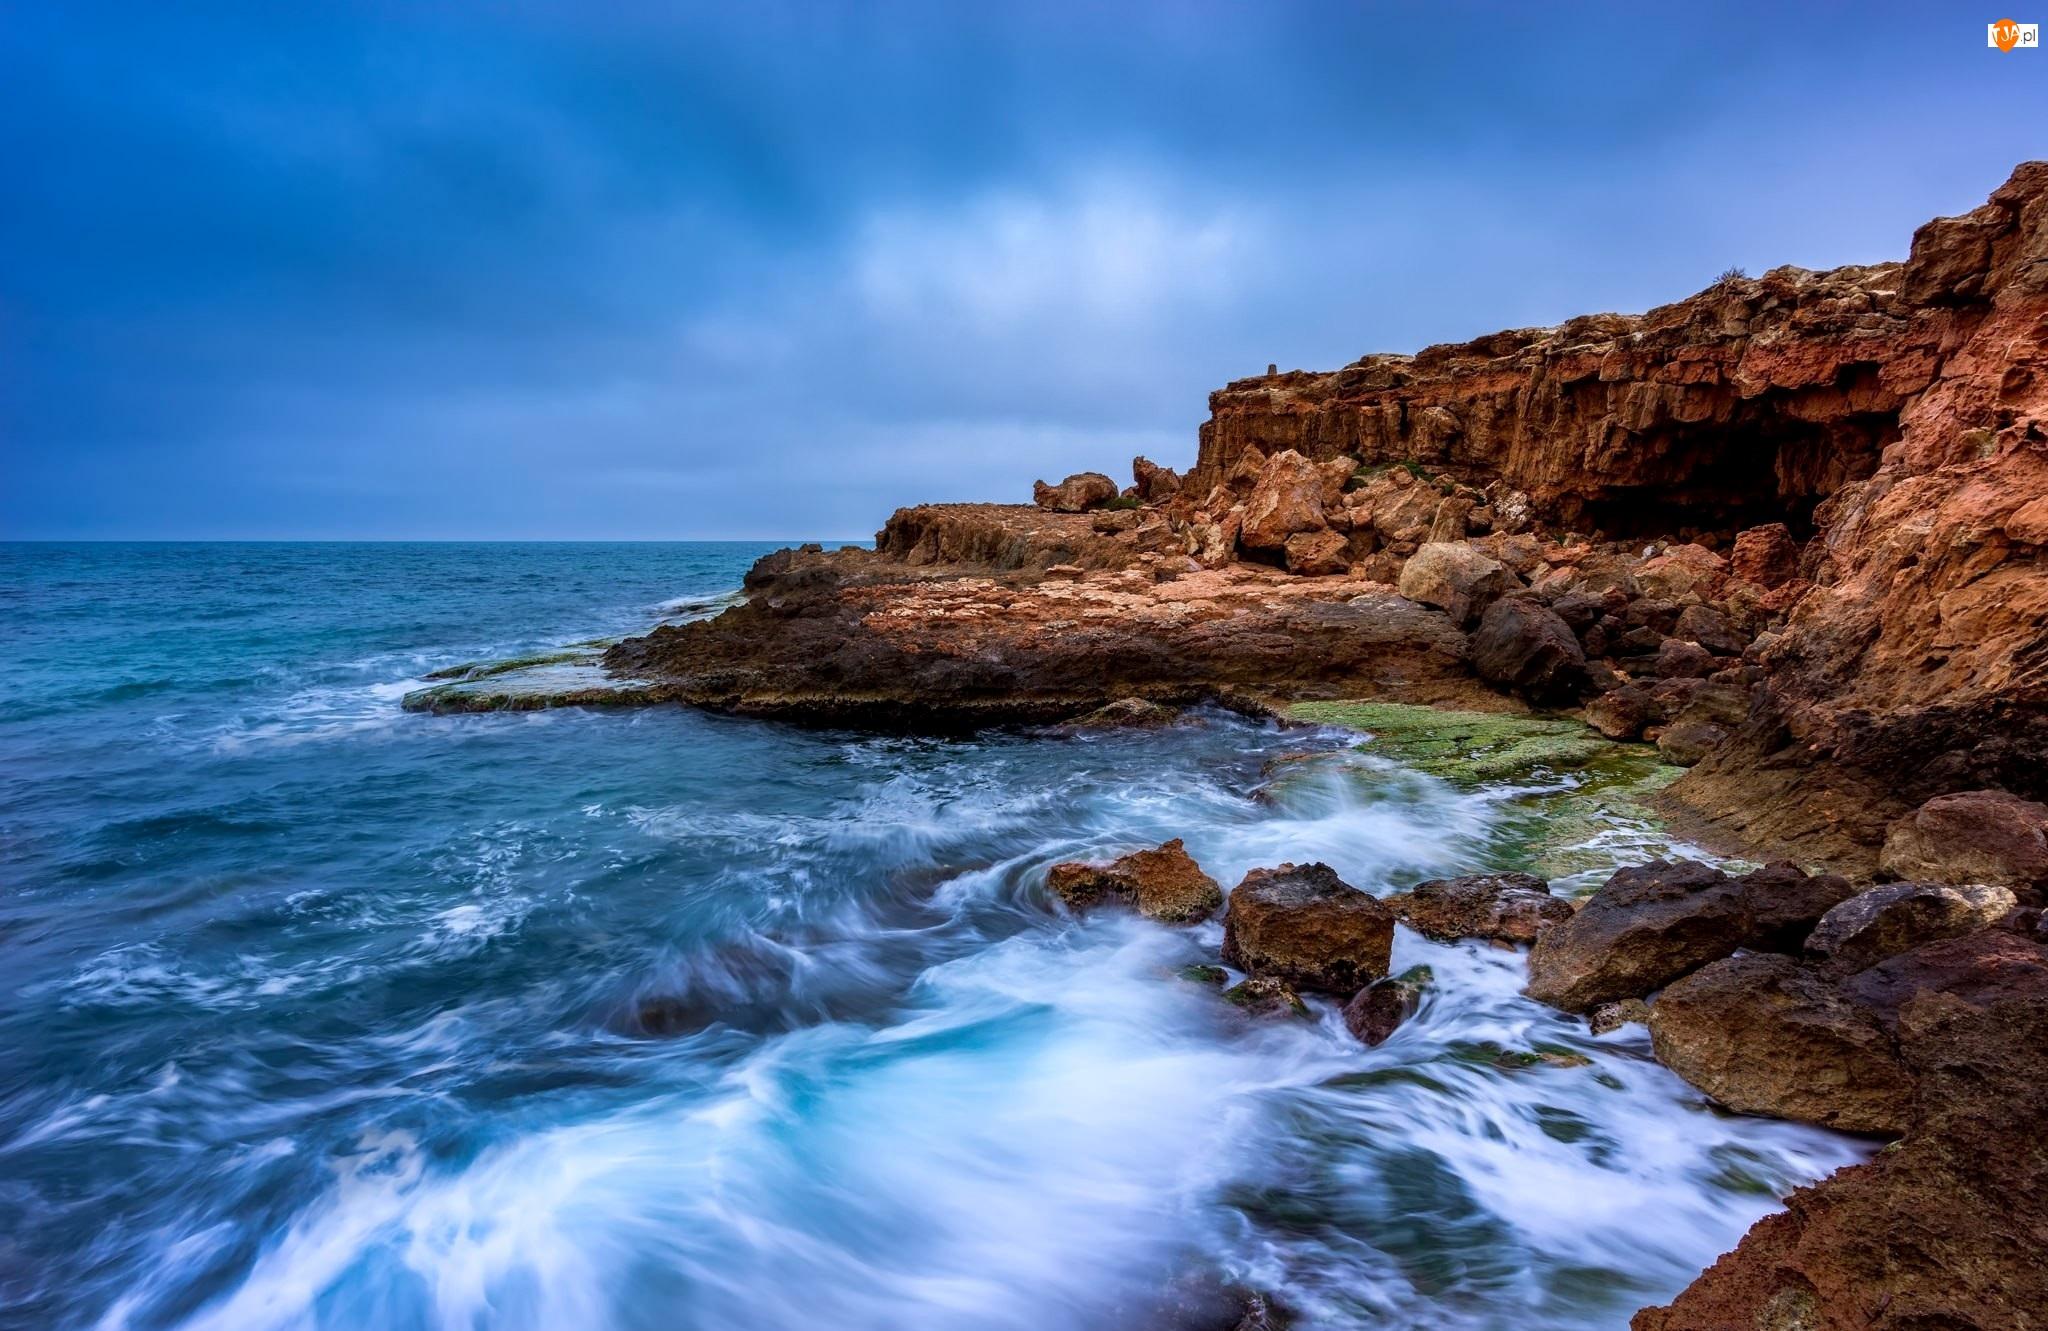 Morze, Kamienie, Skały, Brzeg